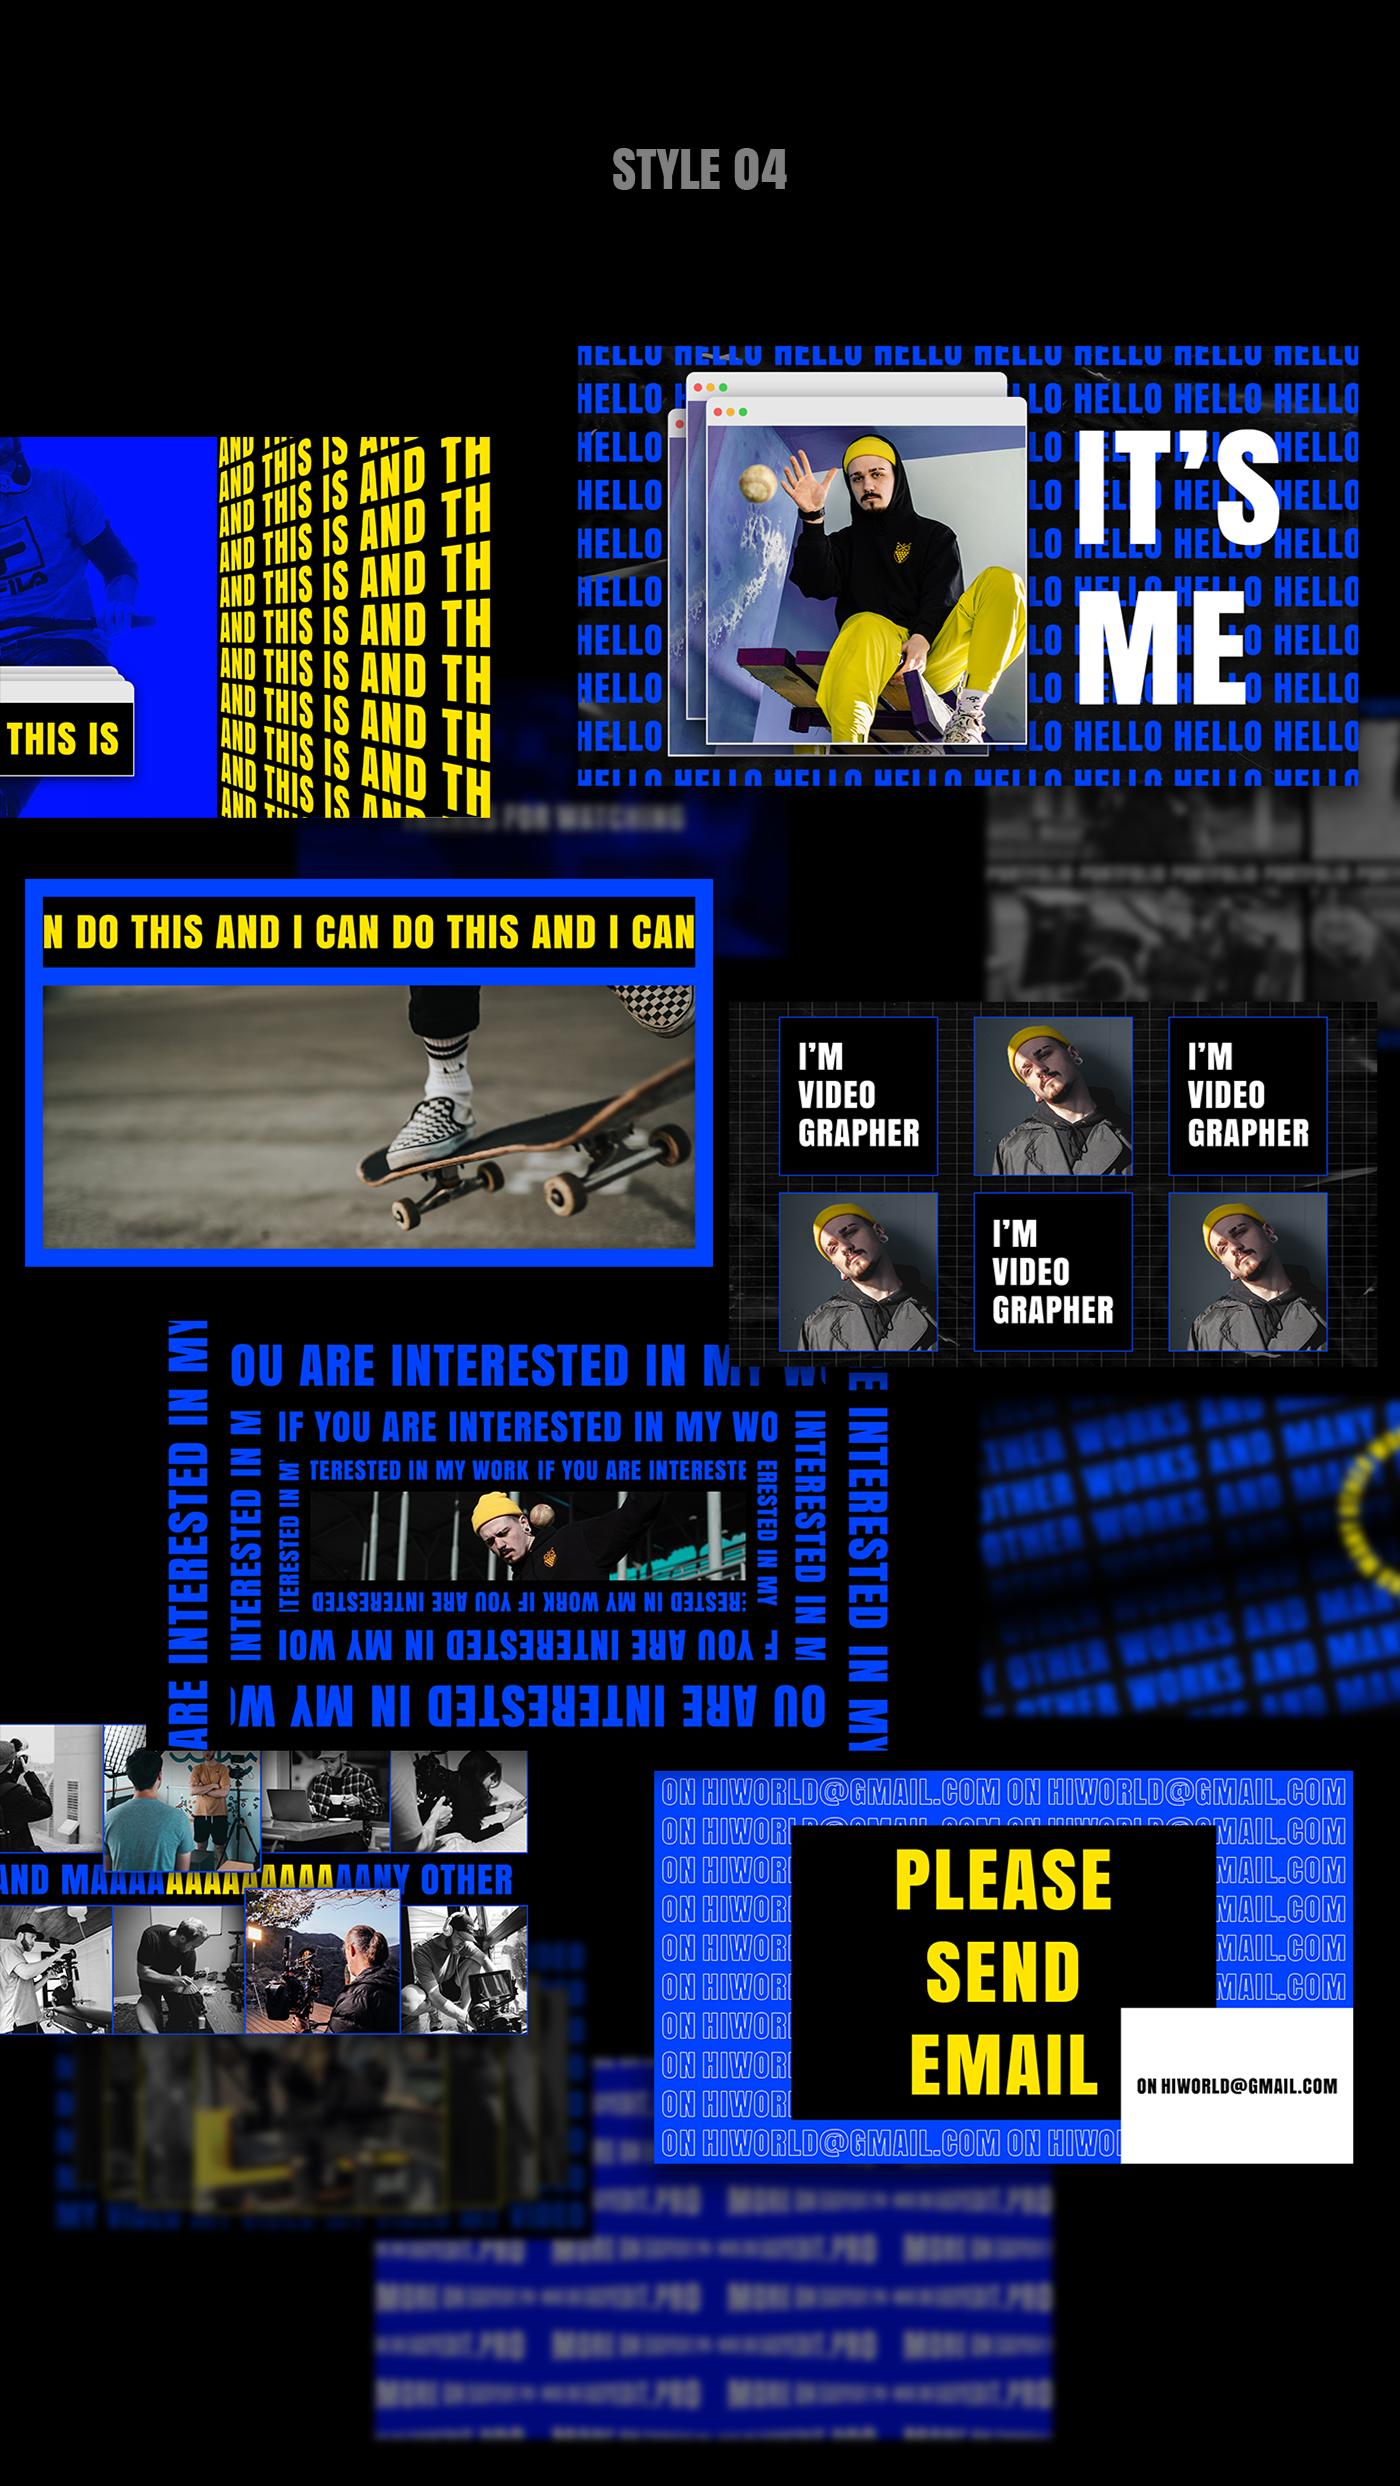 AE脚本-200多个创意文字标题排版时尚宣传视频包装动画工具包 Kinetic Social Pack for Win/Mac破解版插图11